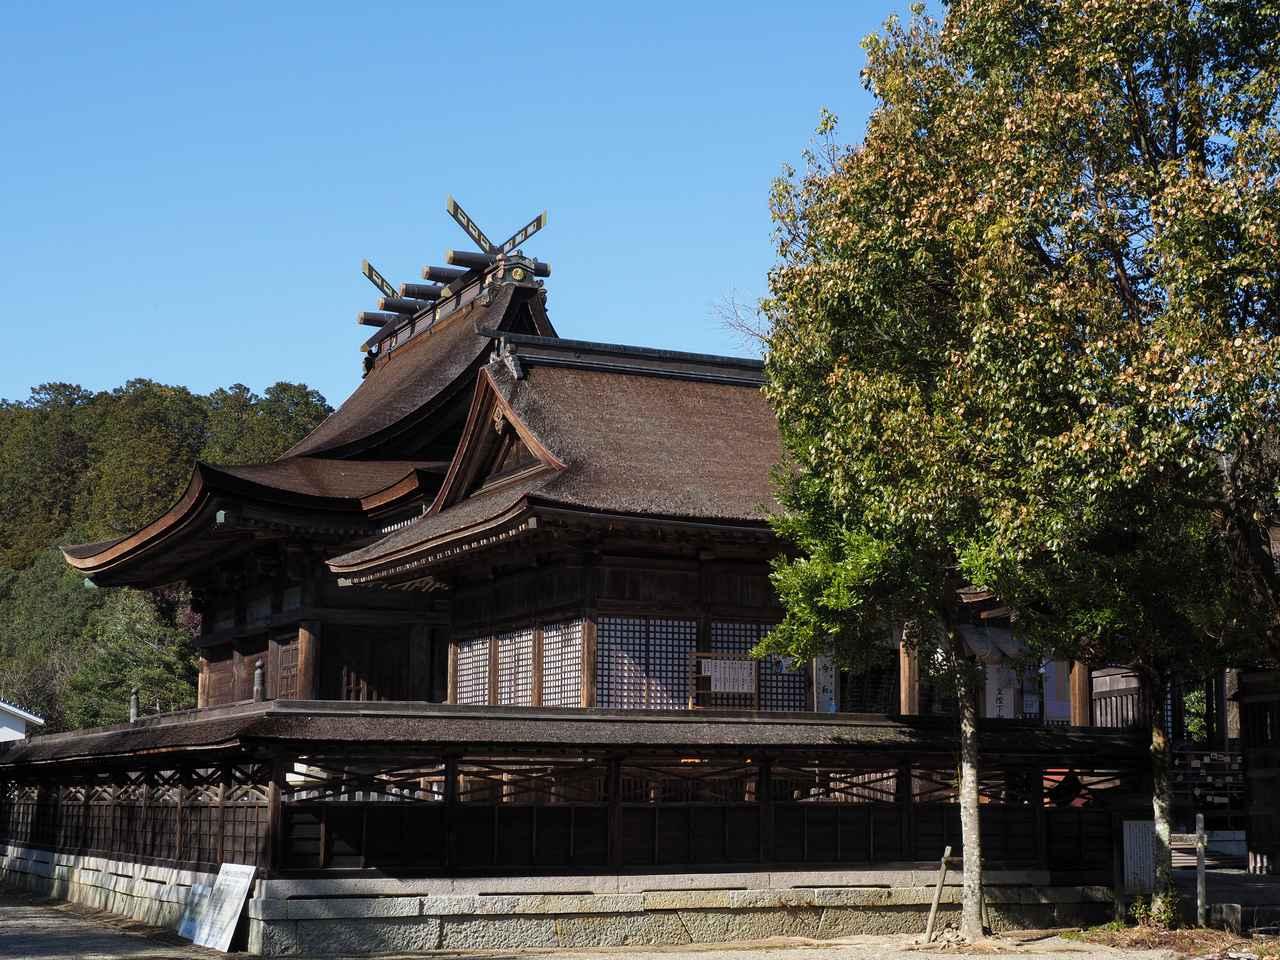 画像1: 牛馬の安産守護の神として知られる由緒ある「中山神社」